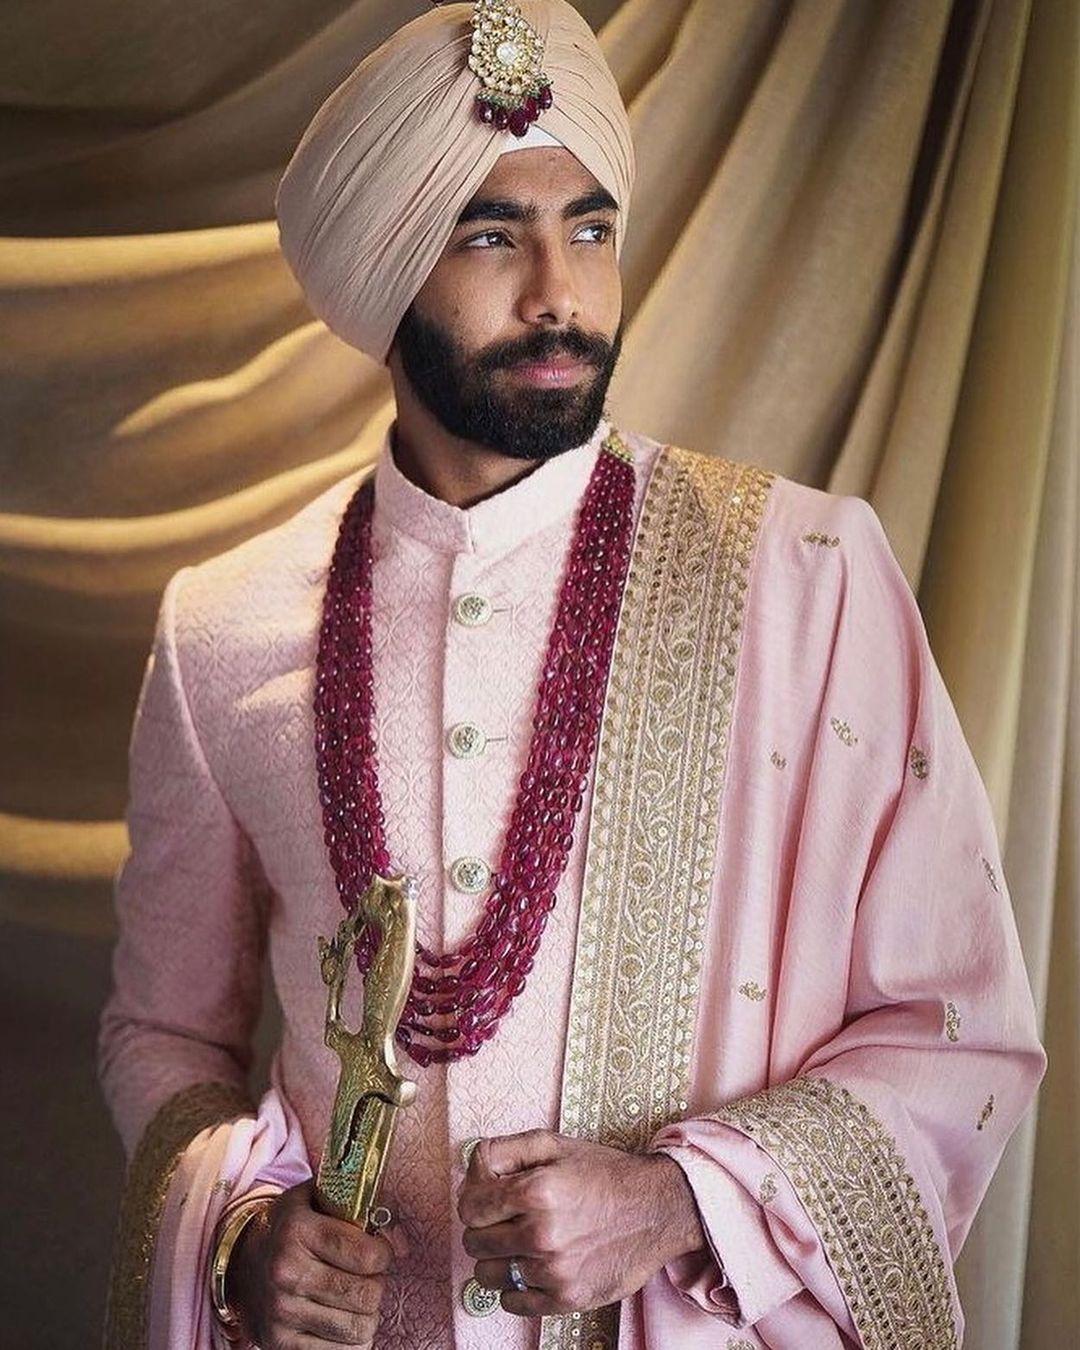 Jasprit Bumrah groom outfit